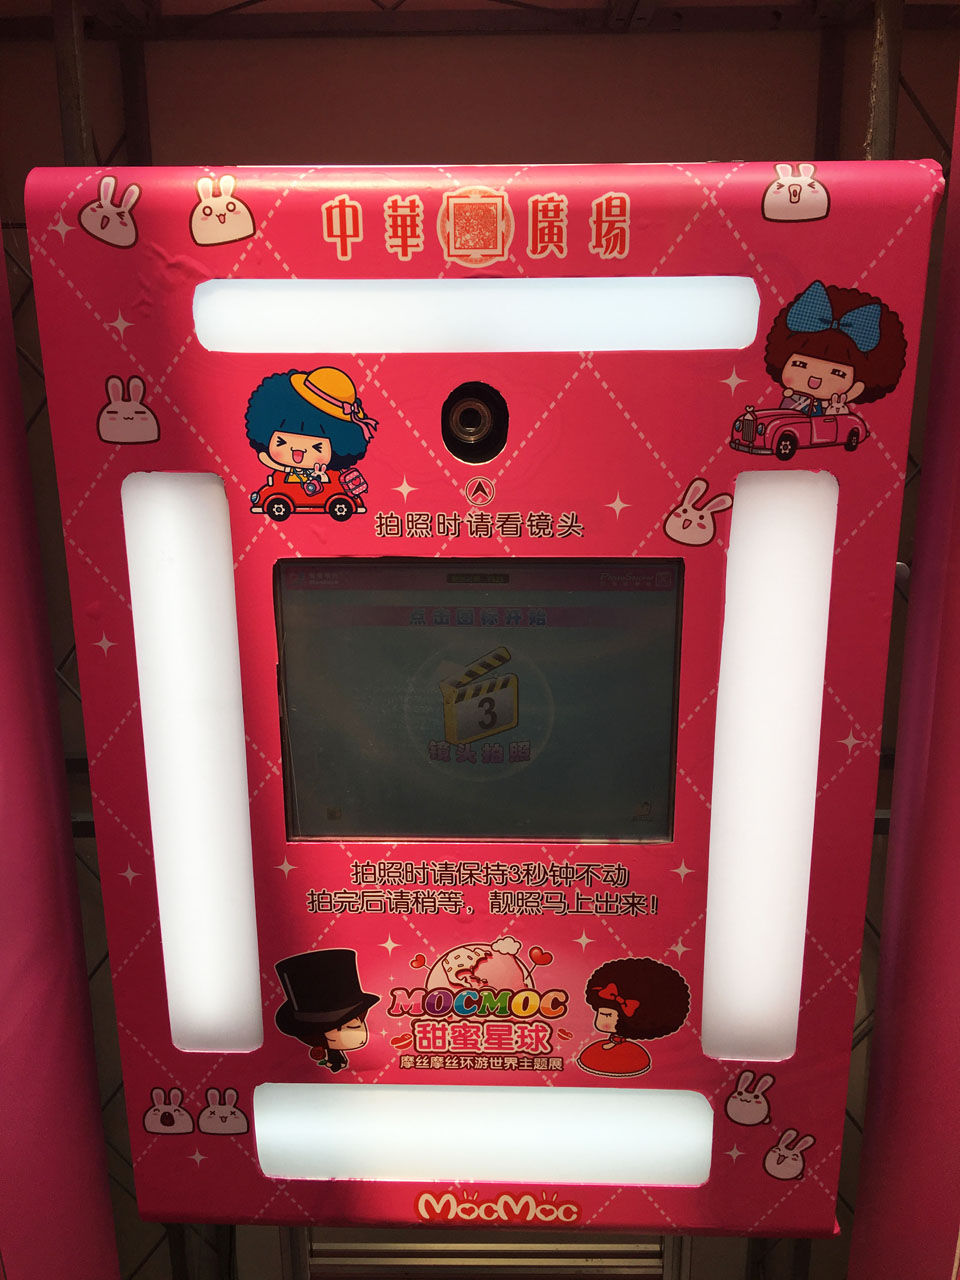 中华广场x摩丝摩丝甜蜜星球27.JPG